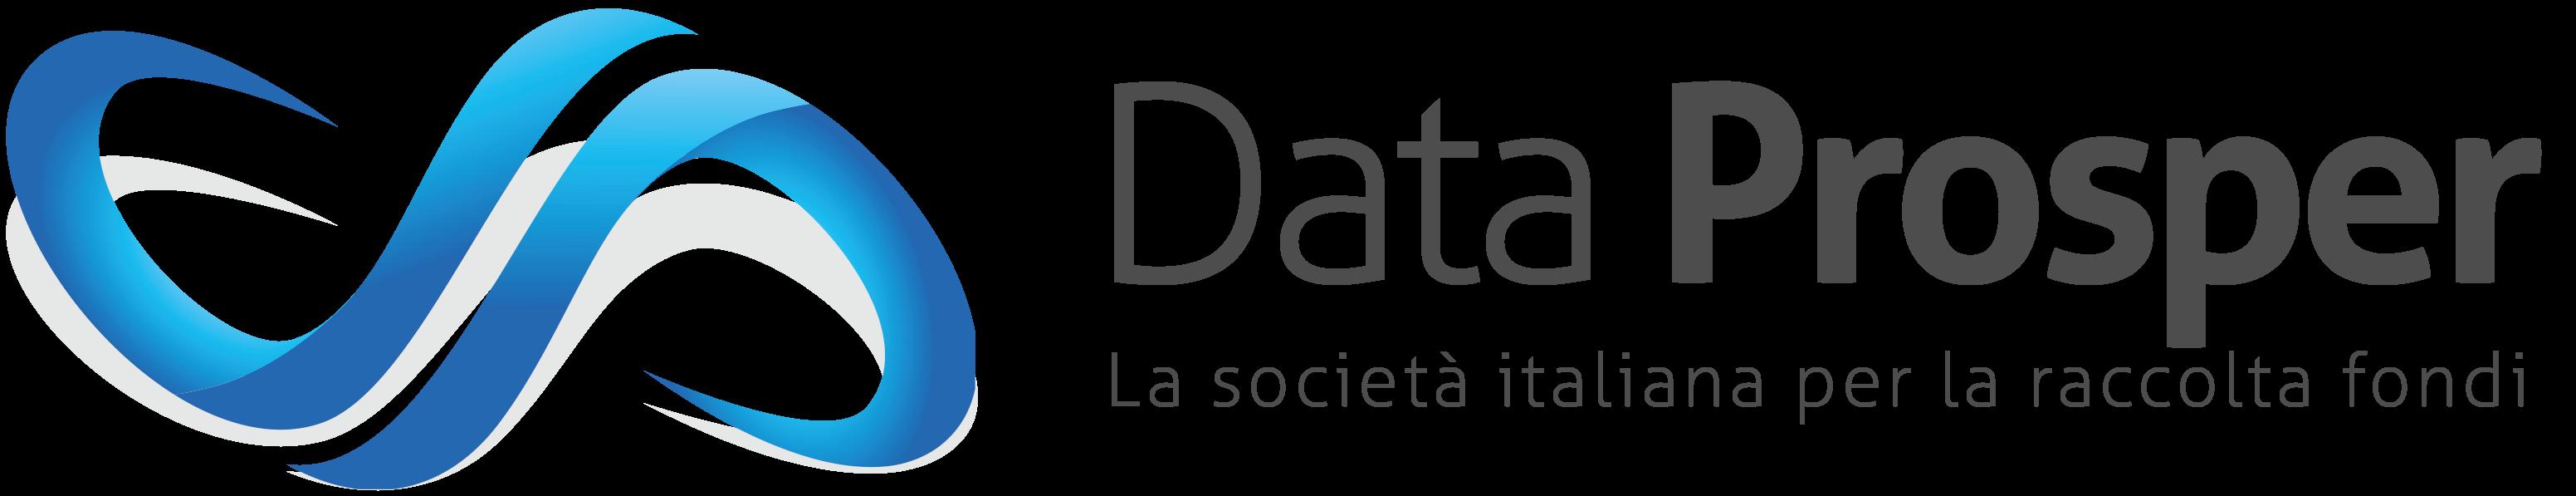 DataProsper